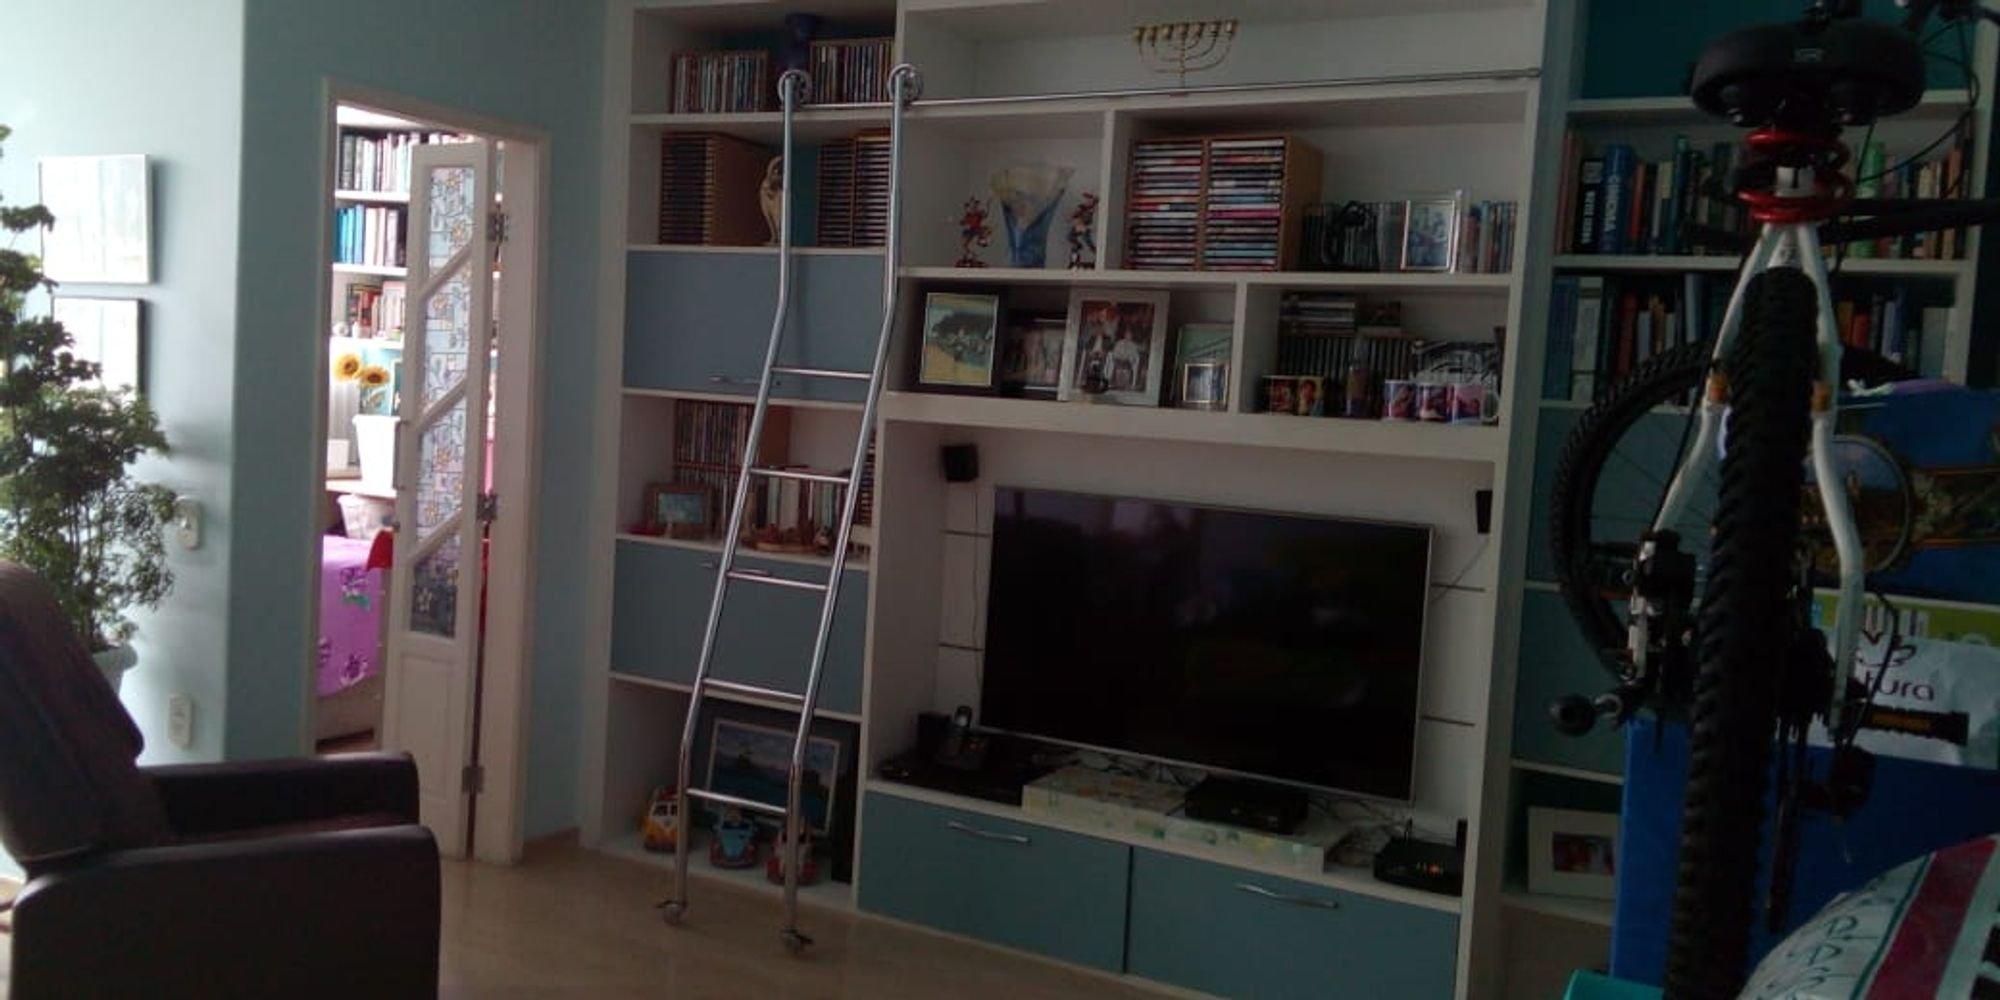 Foto de Sala com televisão, cadeira, livro